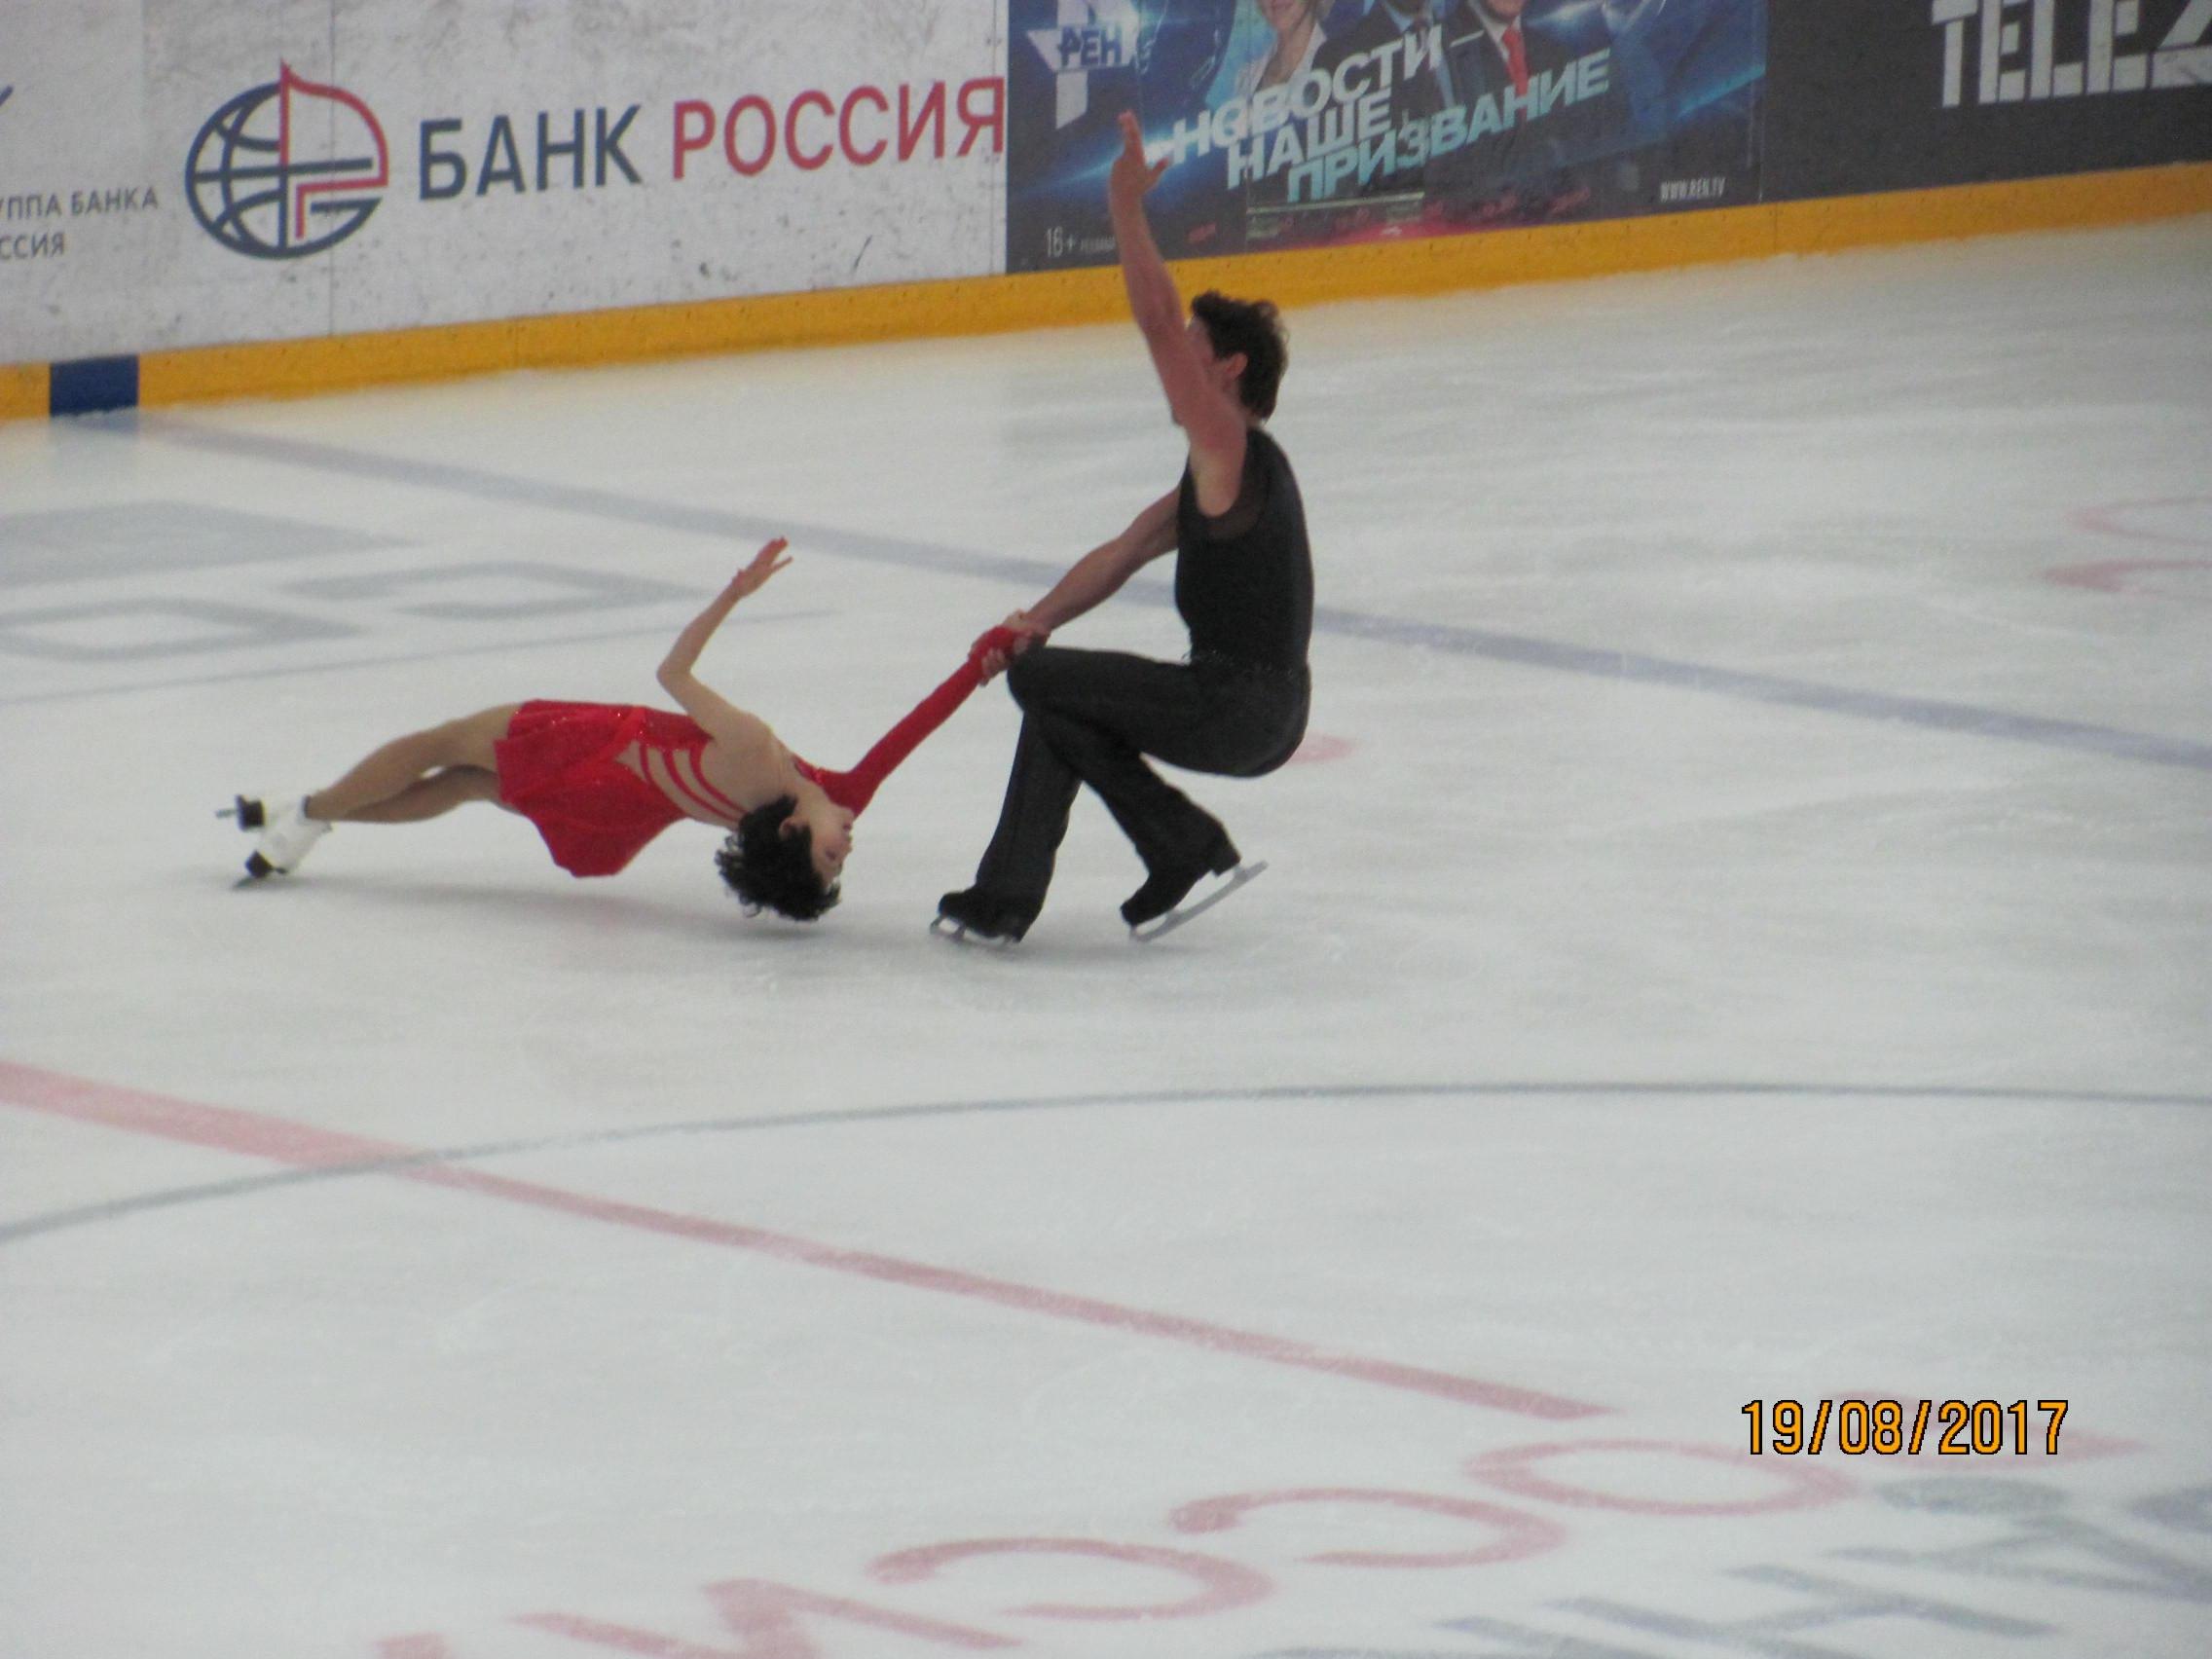 Школа Москвиной, парное катание (Санкт-Петербург, Россия) - Страница 10 CUwAms8INaM